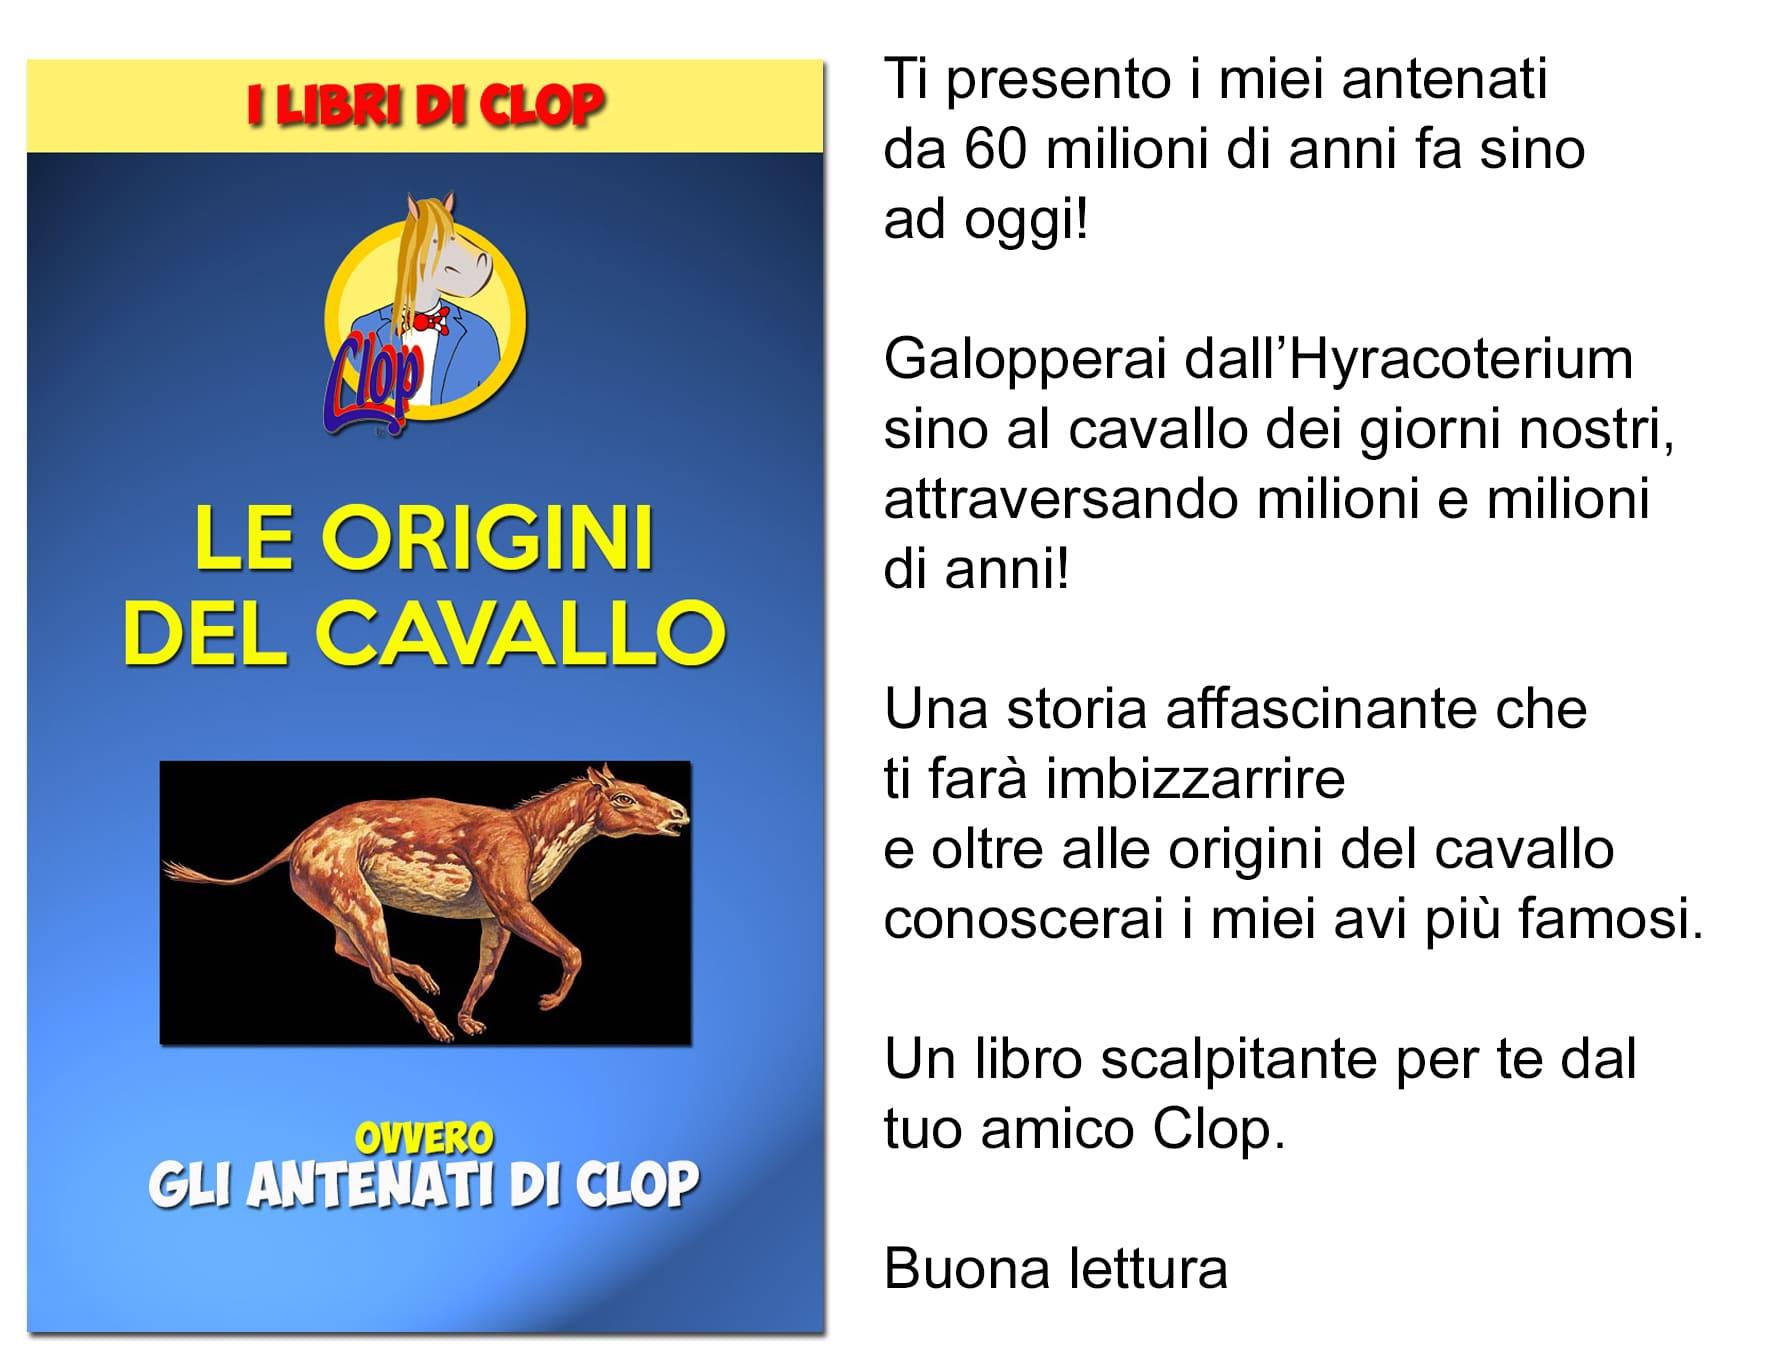 LeOrigini